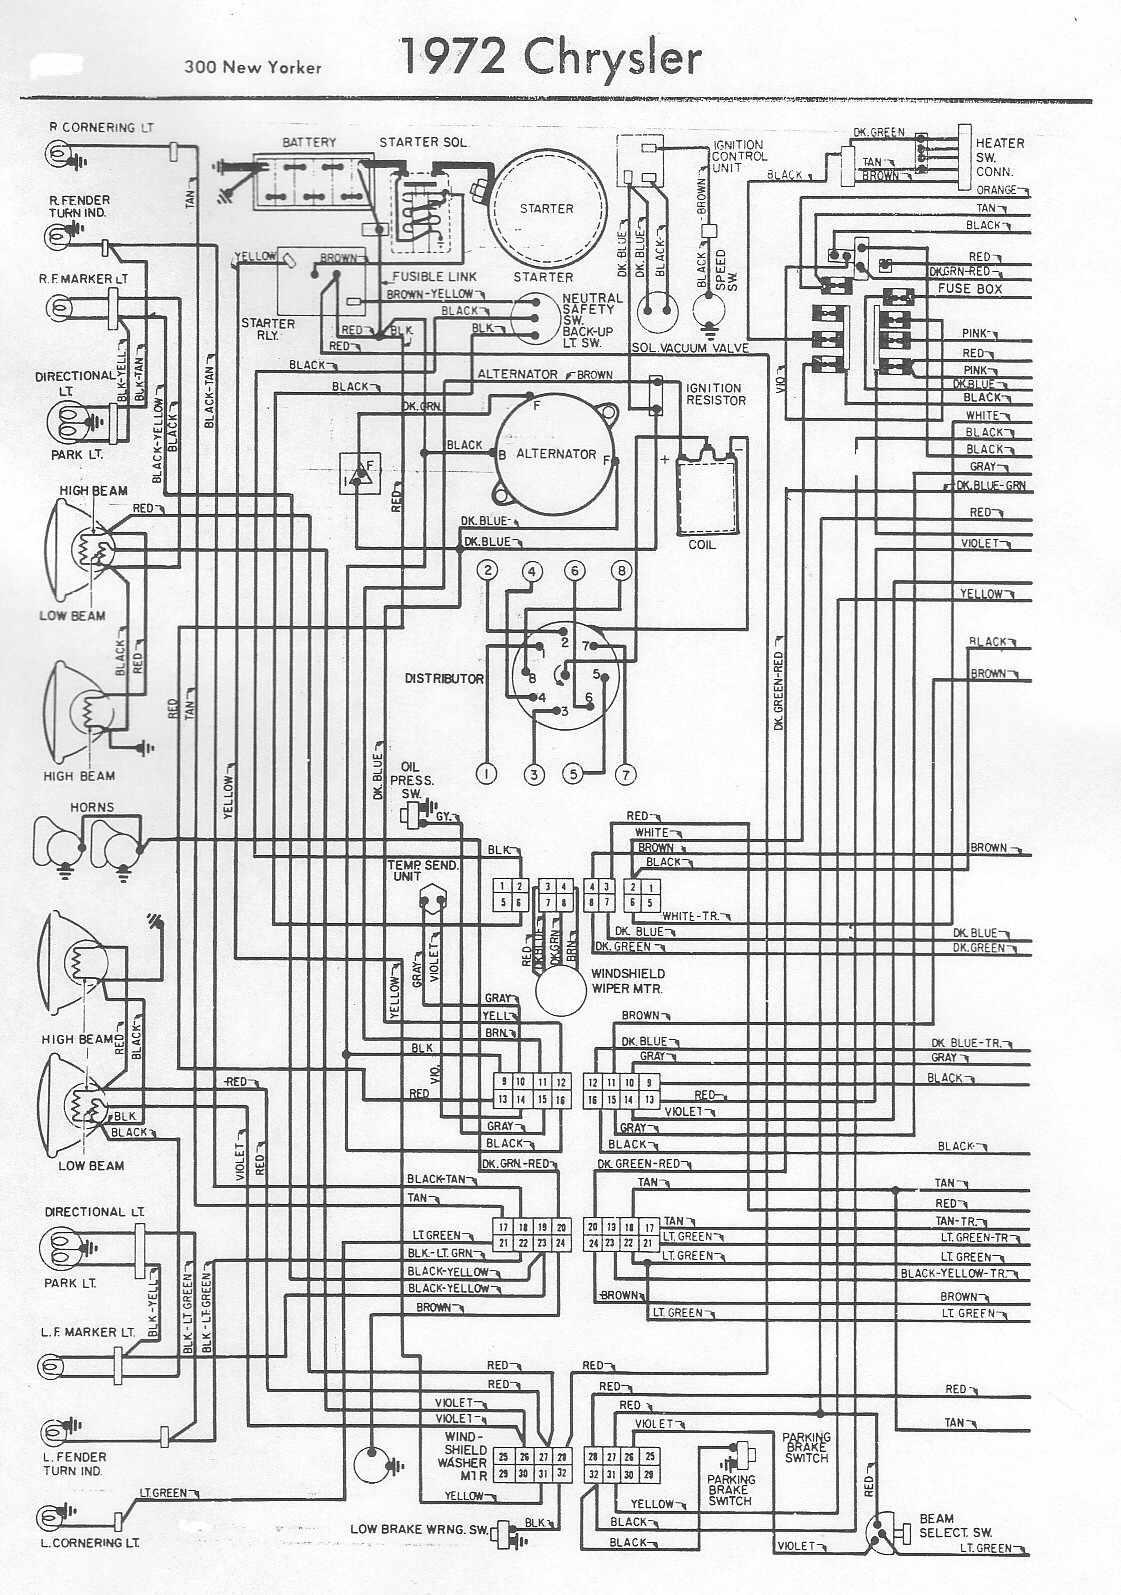 1992 chrysler lebaron wiring diagram [ 1121 x 1595 Pixel ]